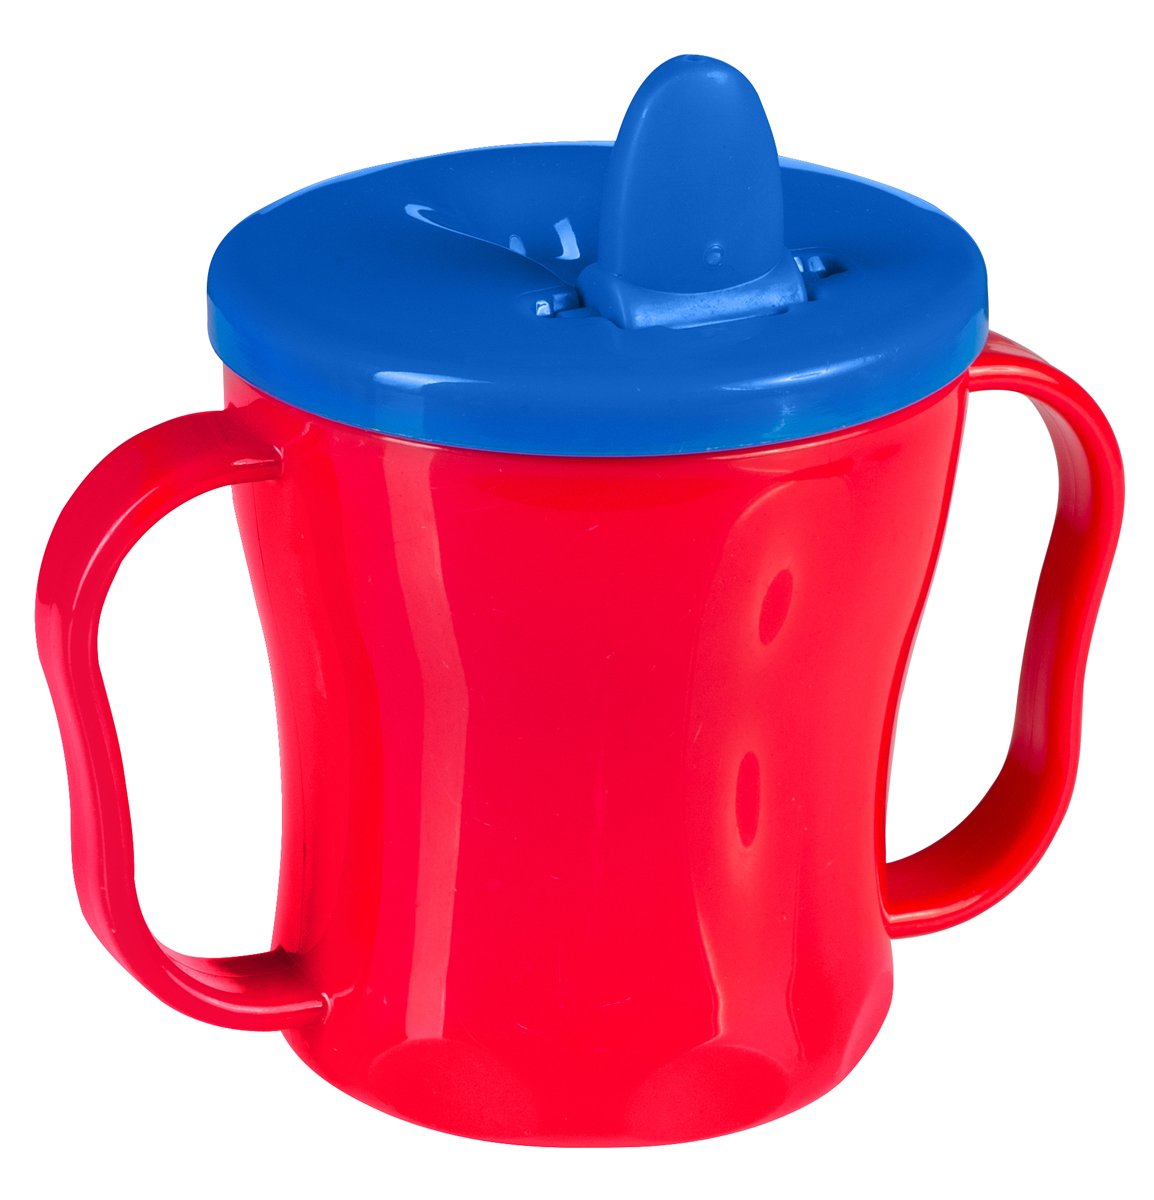 BabyOno Поильник-непроливайка от 6 месяцев цвет красный синий 180 мл